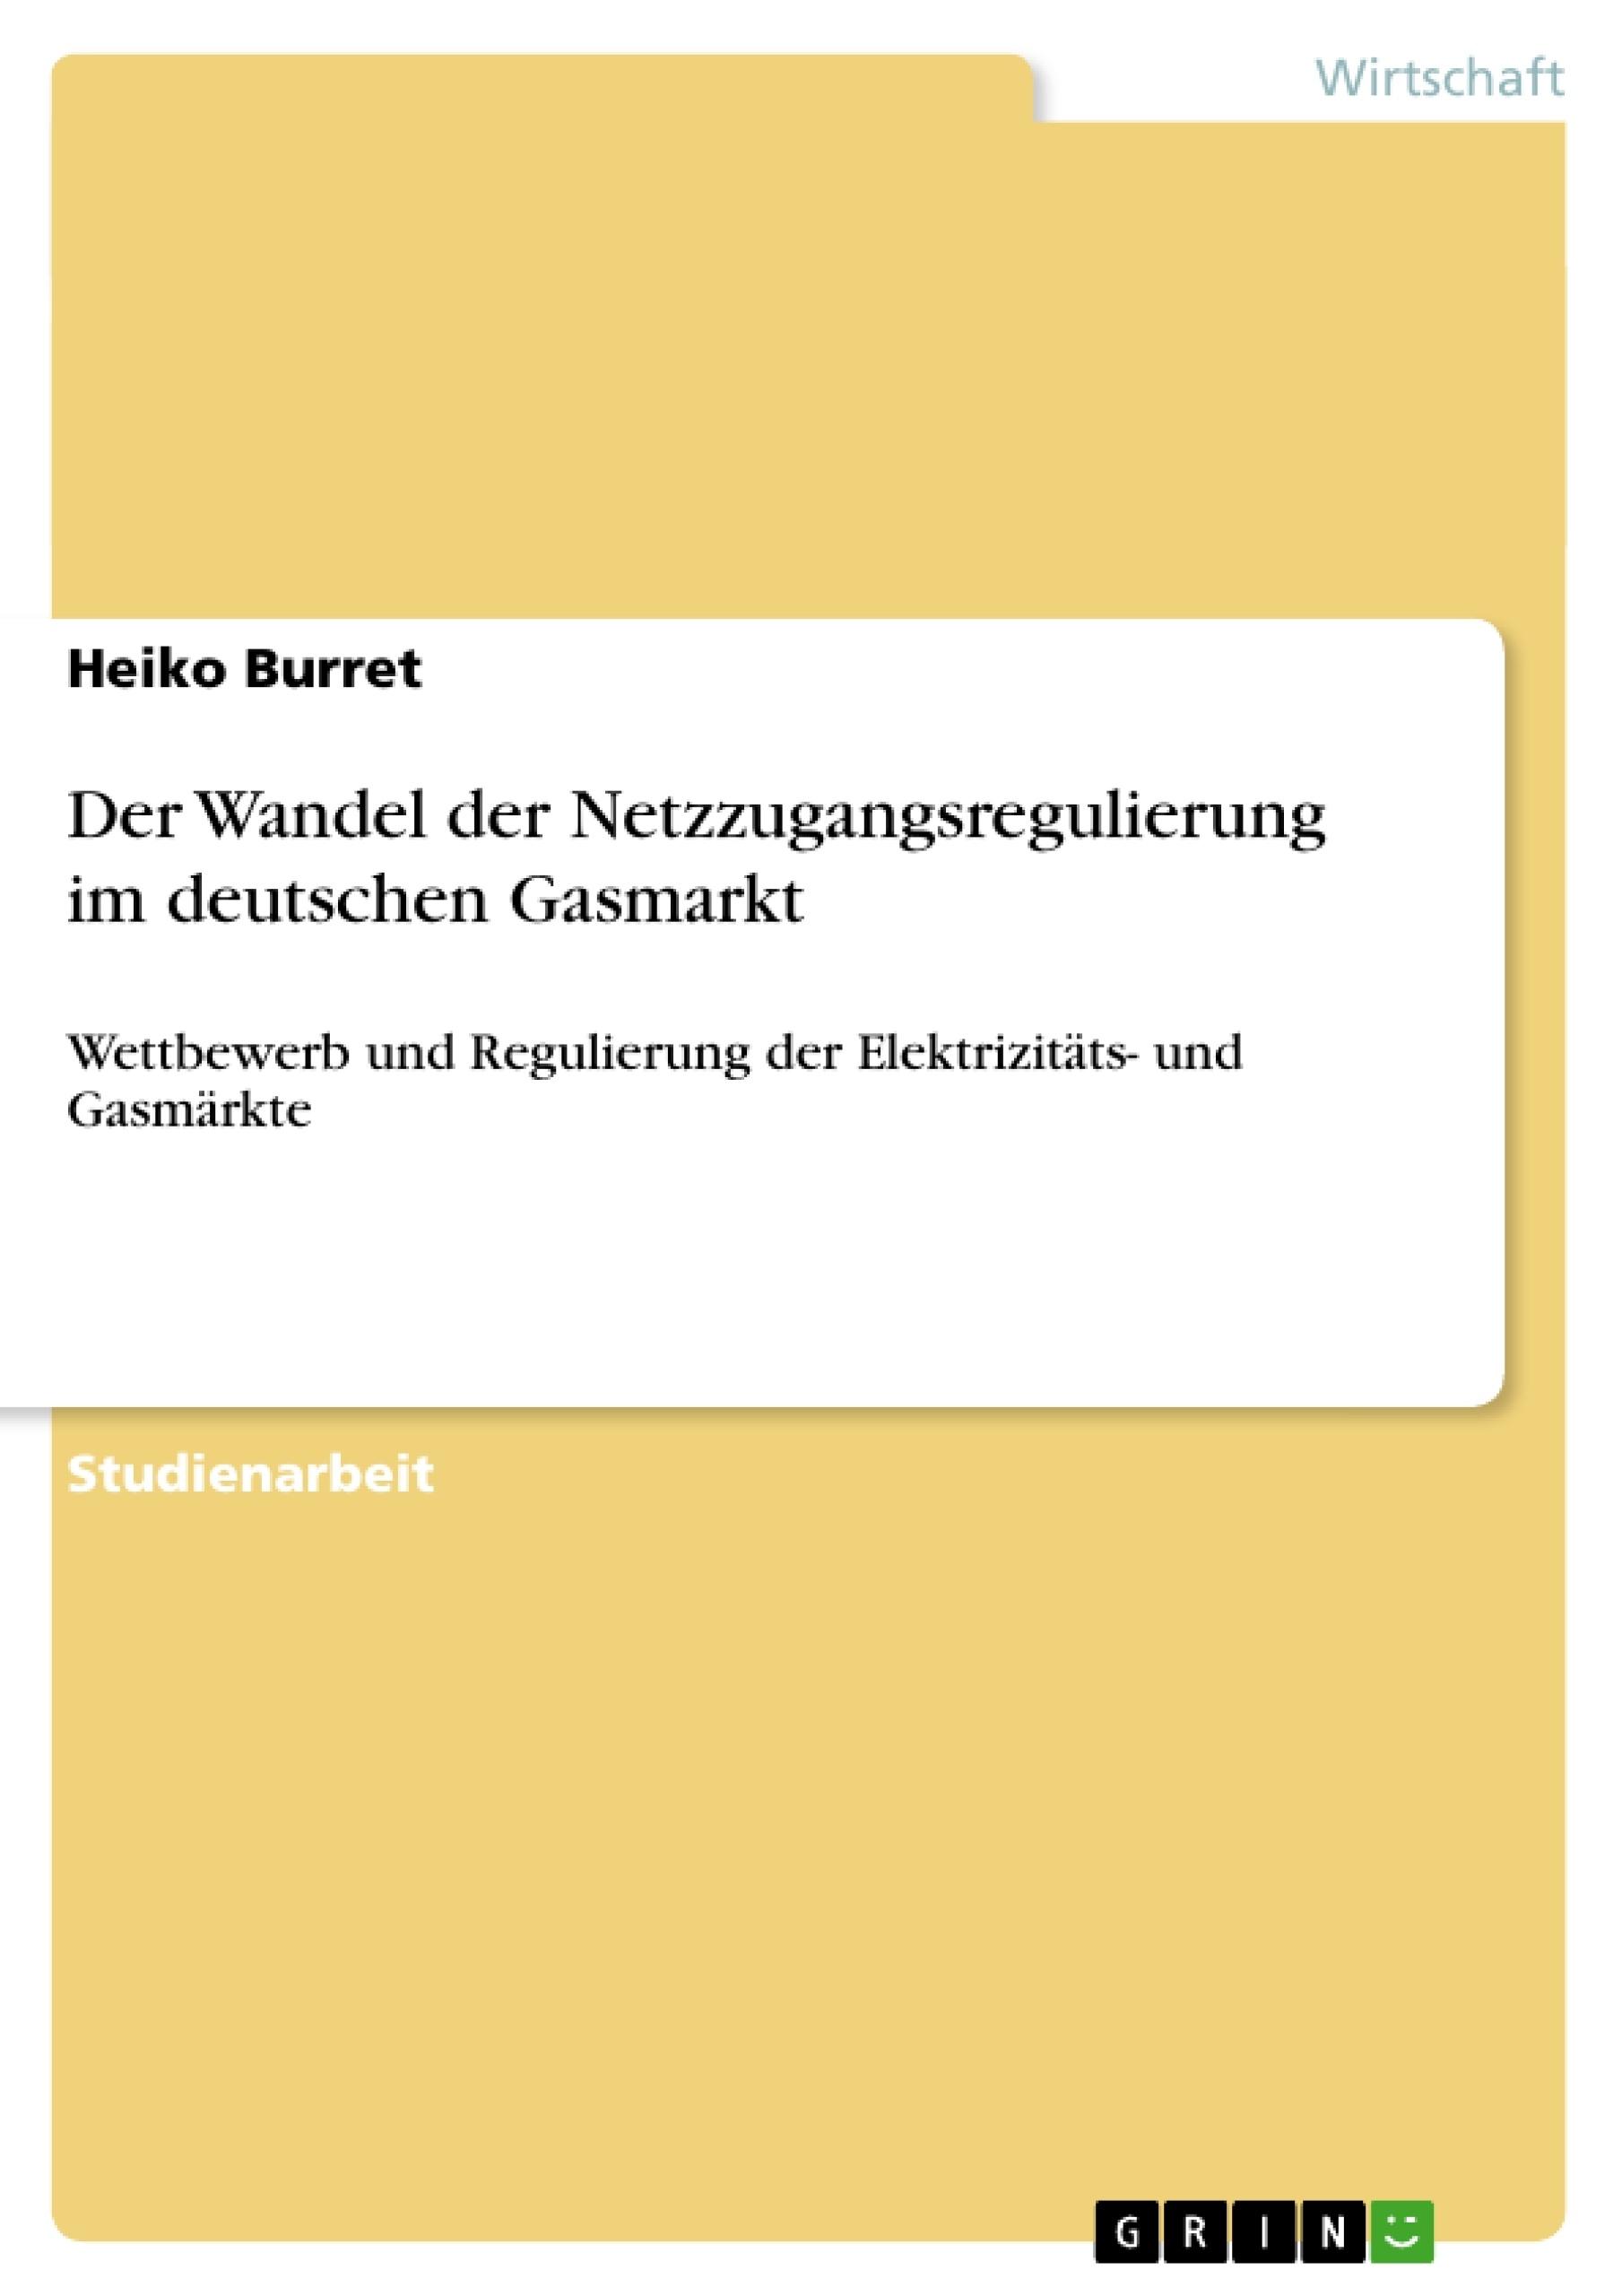 Titel: Der Wandel der Netzzugangsregulierung im deutschen Gasmarkt